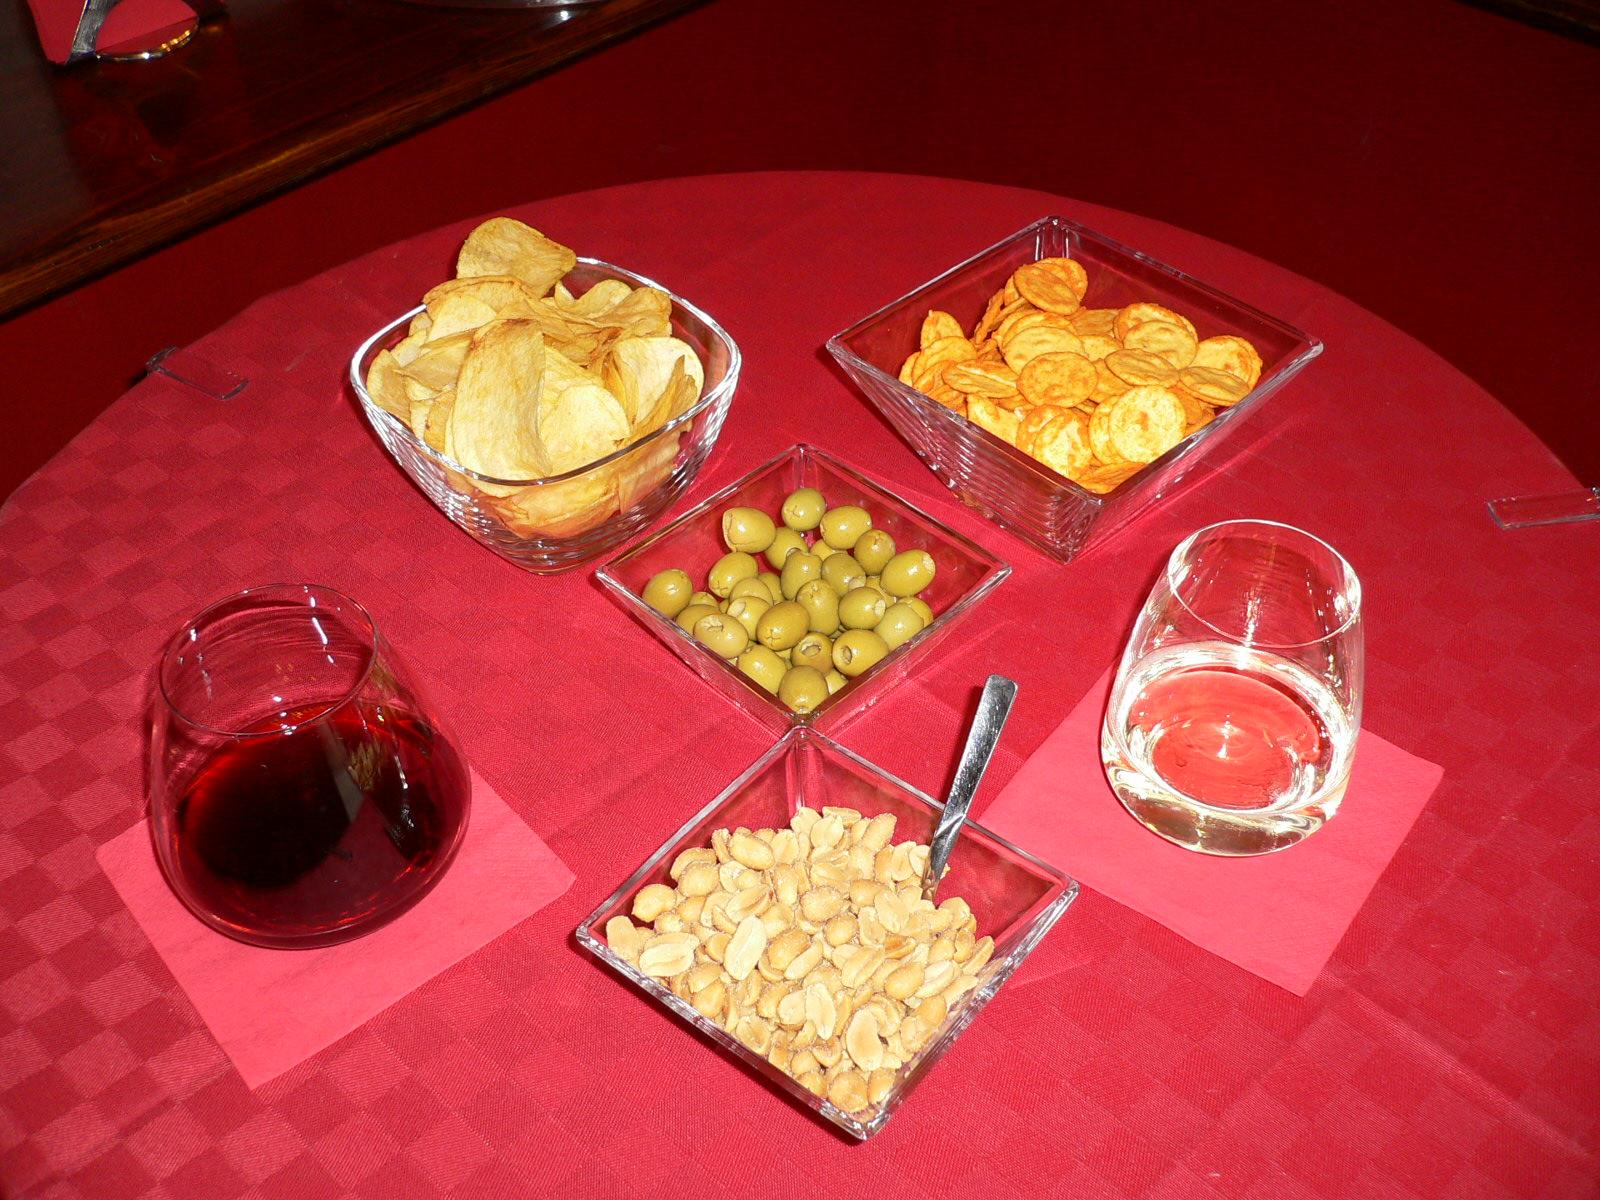 Bicchieri Vino senza stelo 0071.jpg